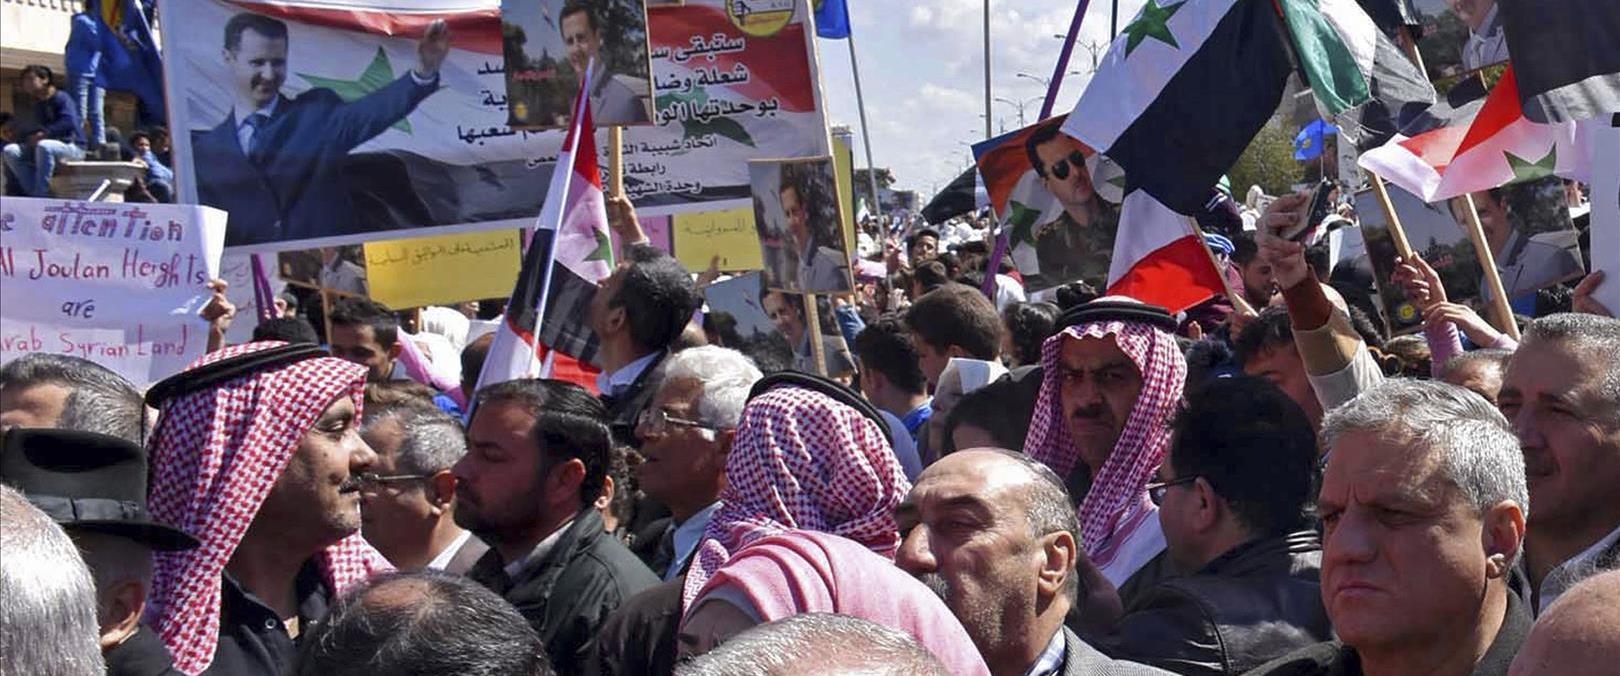 הפגנה בסוריה נגד ההכרה האמריקנית ברמת הגולן